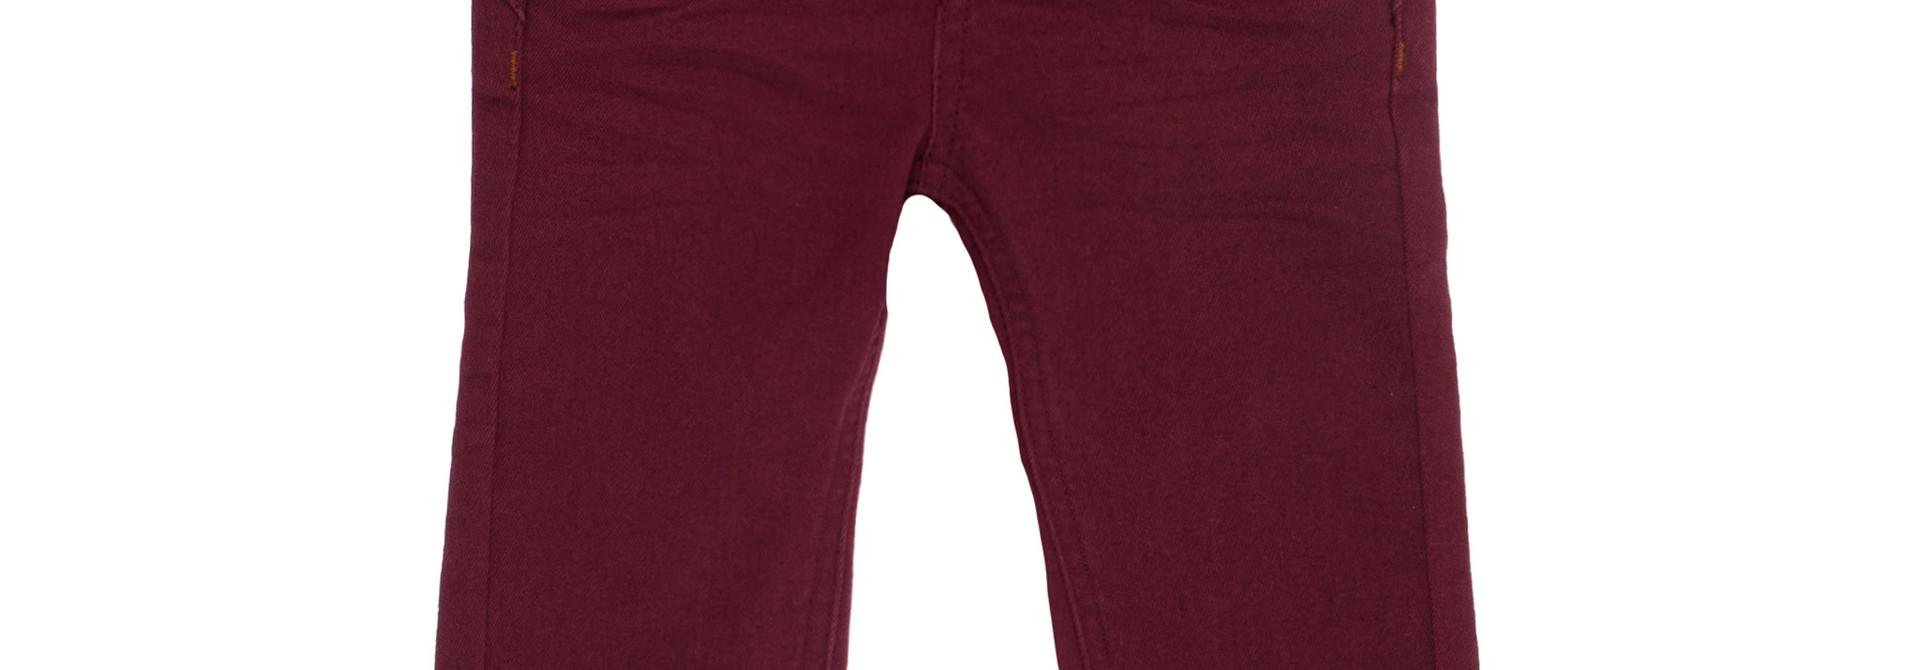 Pantalon extensible collection Pente École